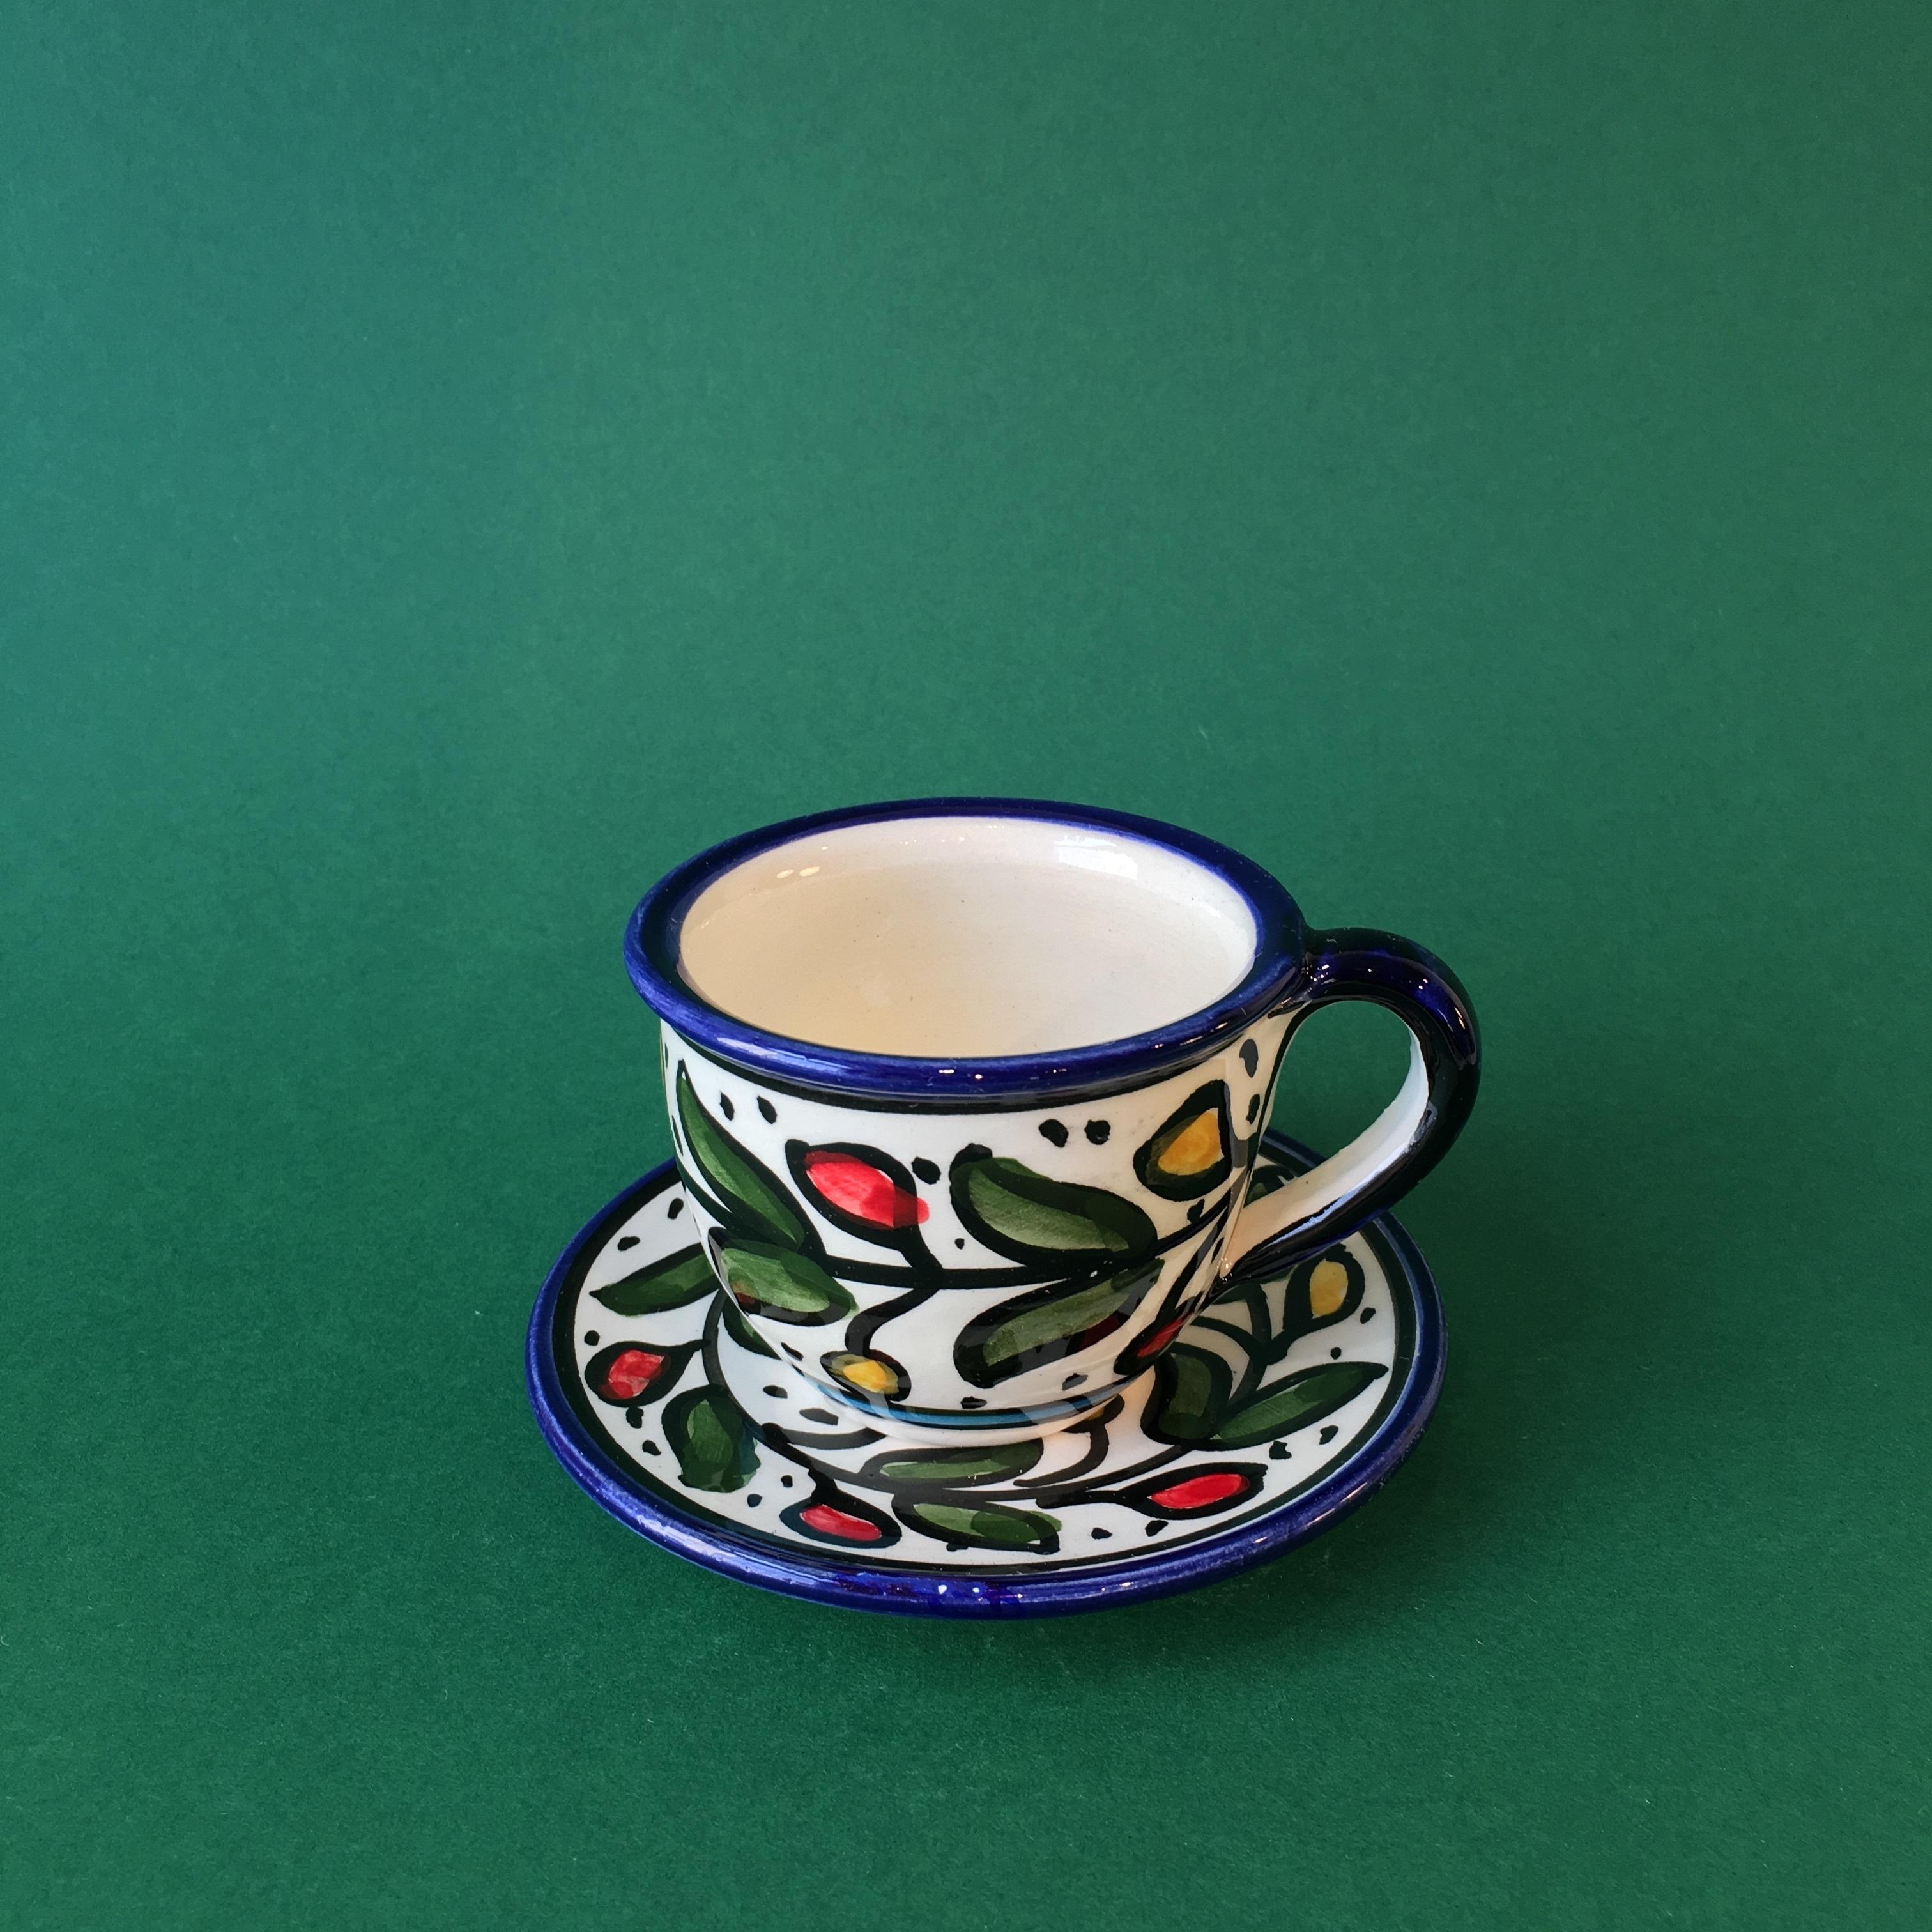 Kopp med skål, flerfarget keramikk